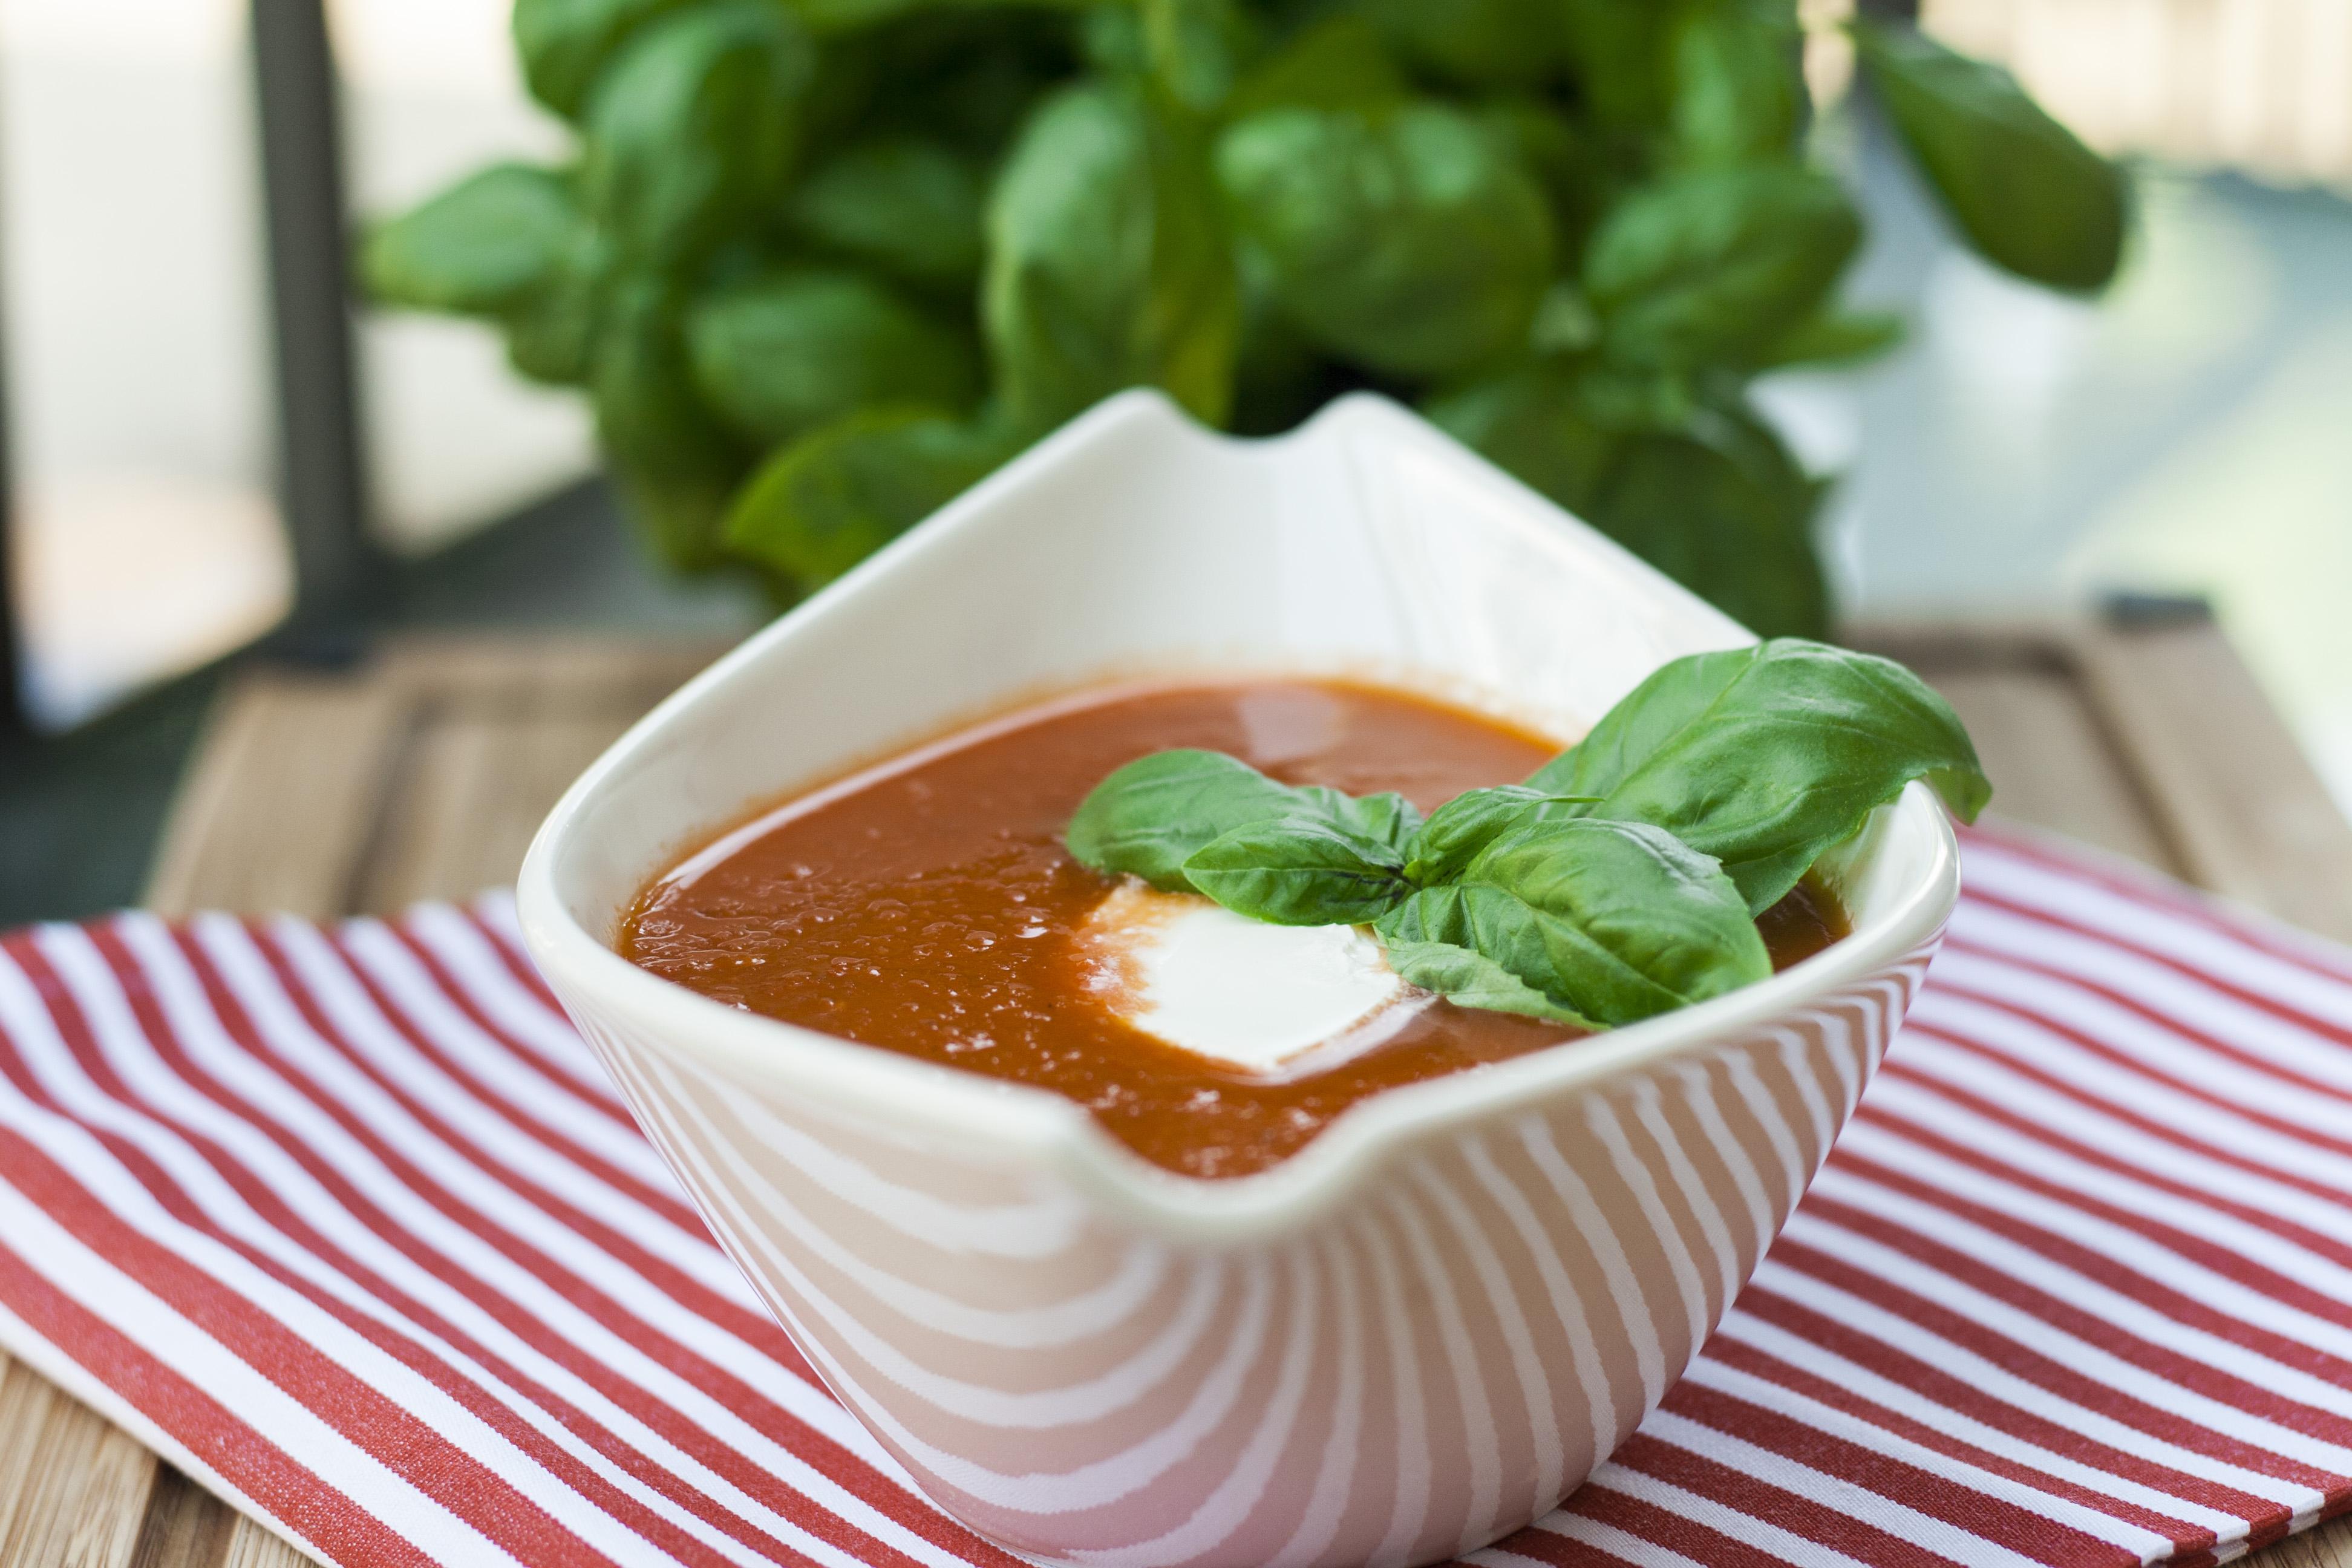 Sommerküche Tomaten : Tomaten paprika suppe u schmeckt warm oder kalt sugar spice